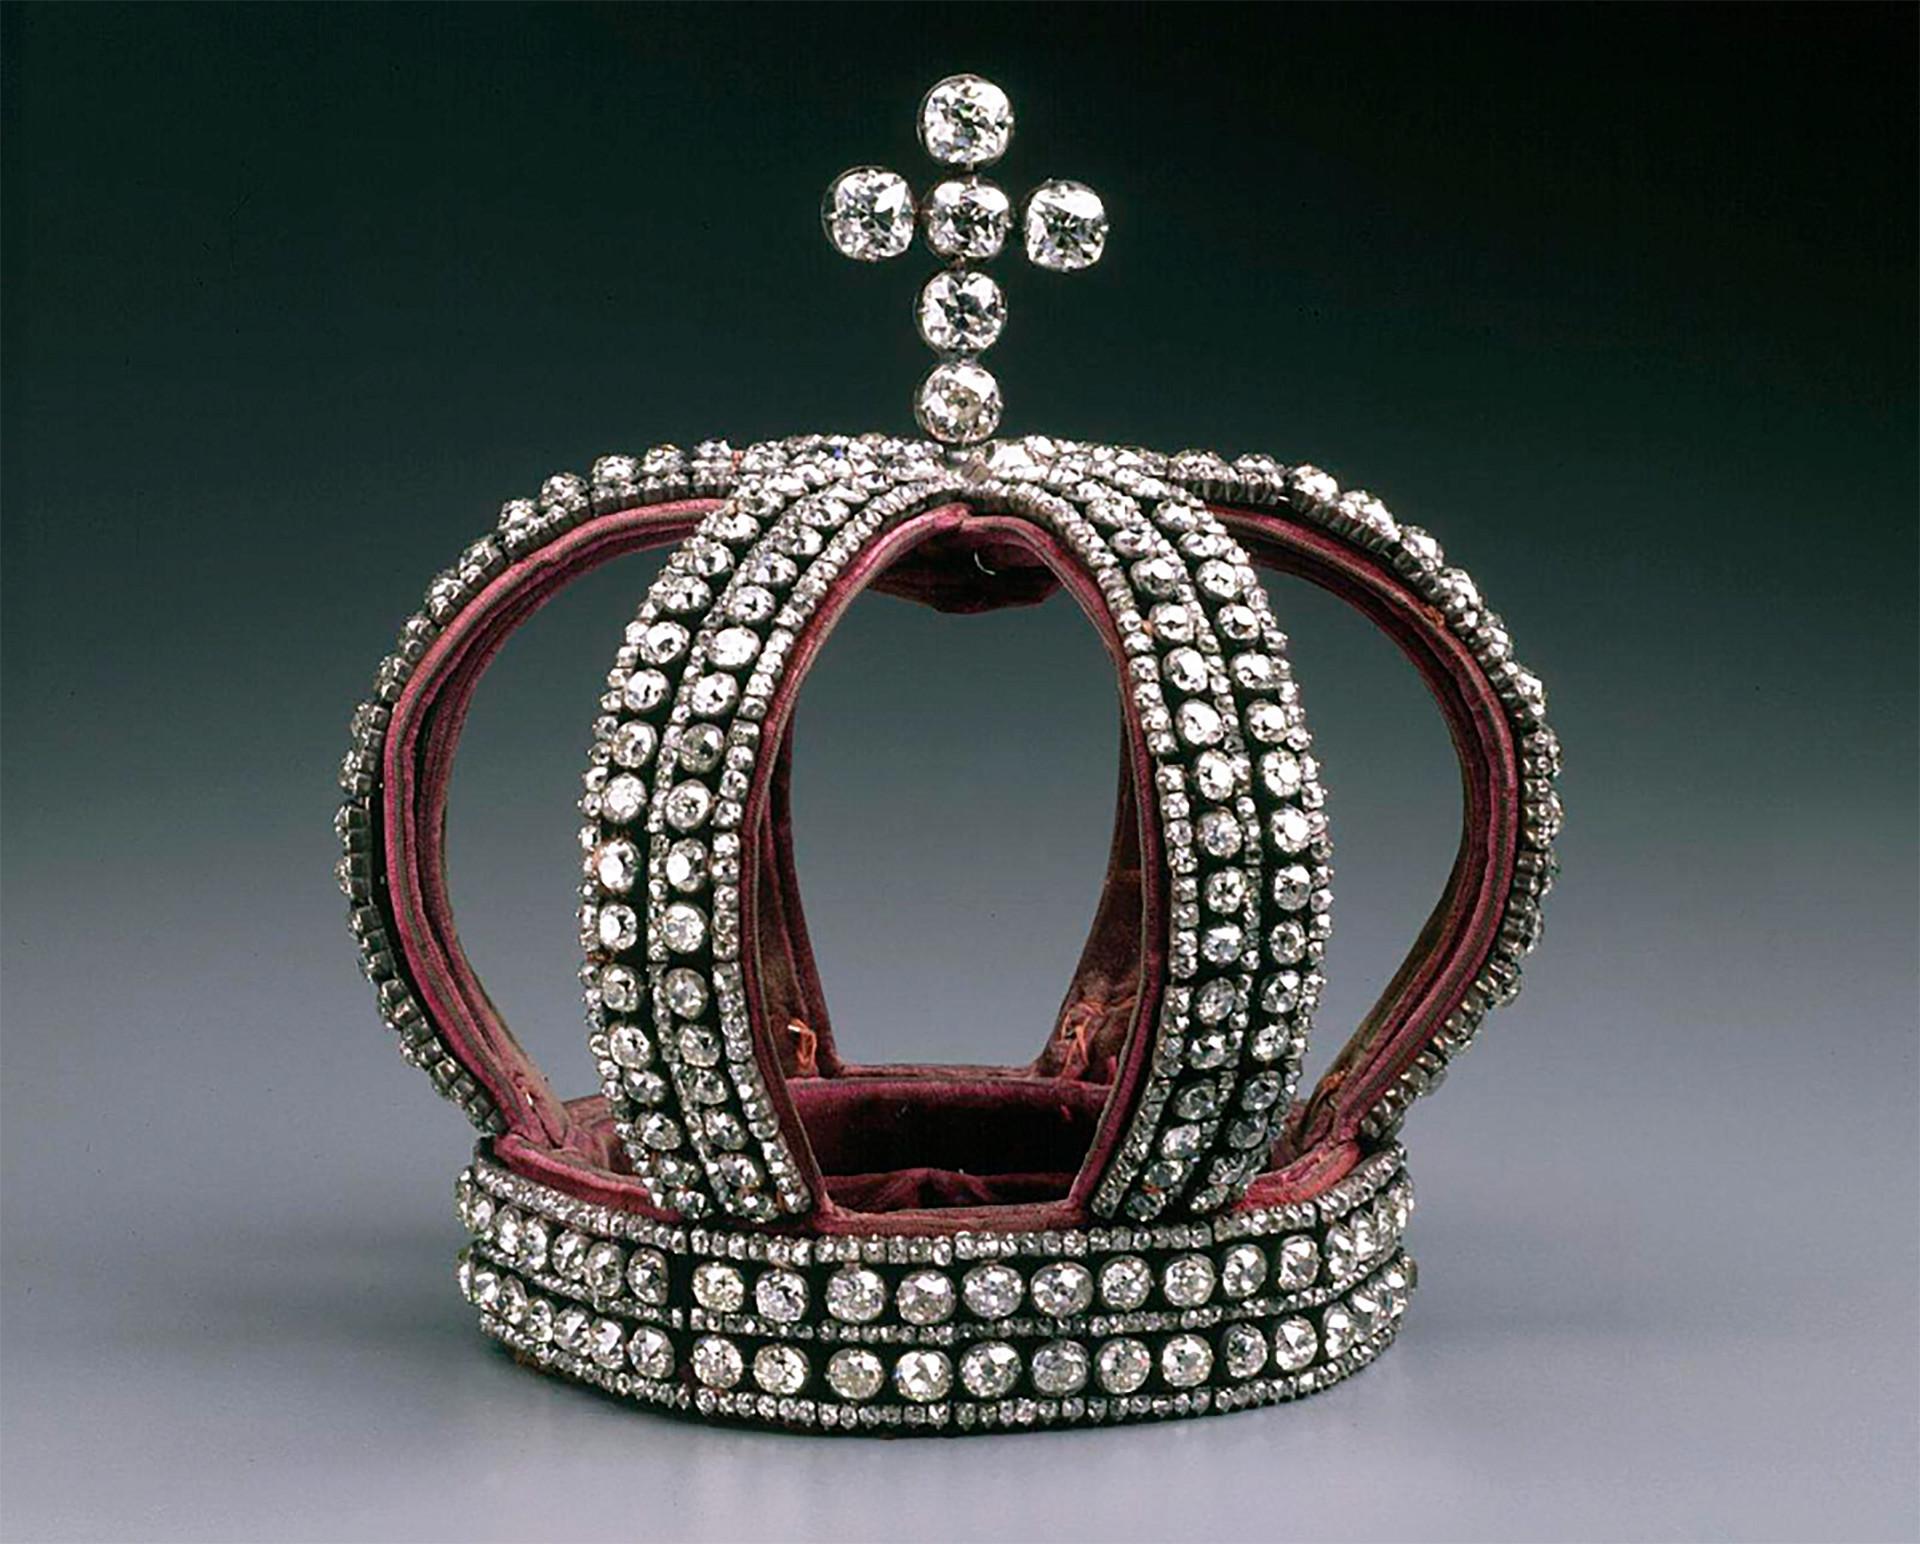 Венчальная корона Романовых, которая теперь находится в музее в Вашингтоне,